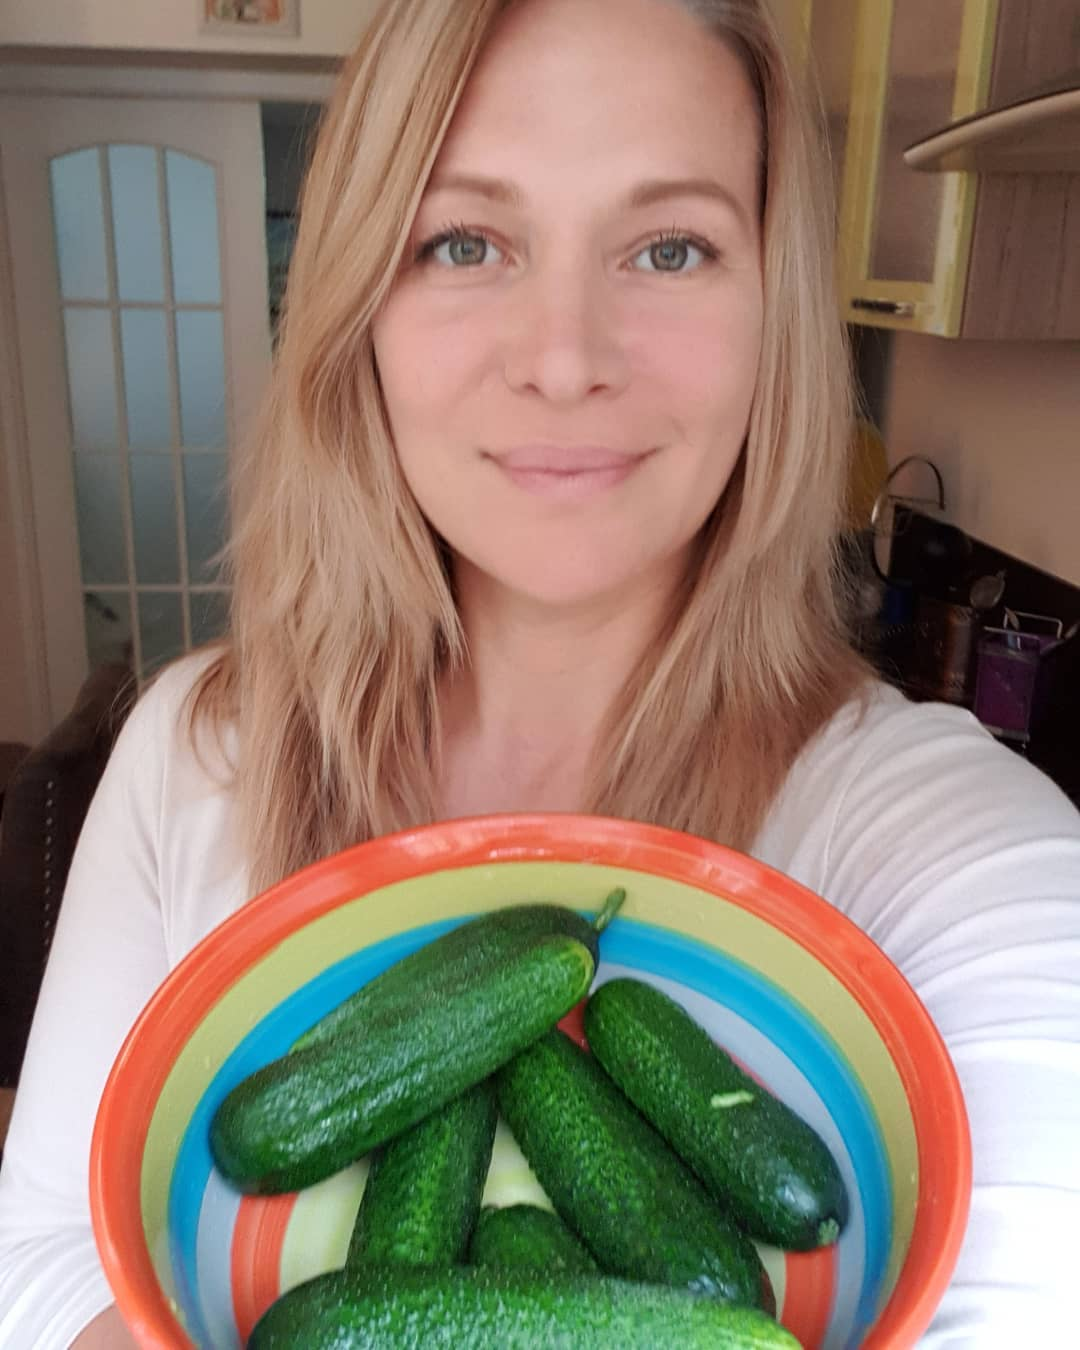 Результат за 2-3 дня: огуречная диета от Виктории Макарской